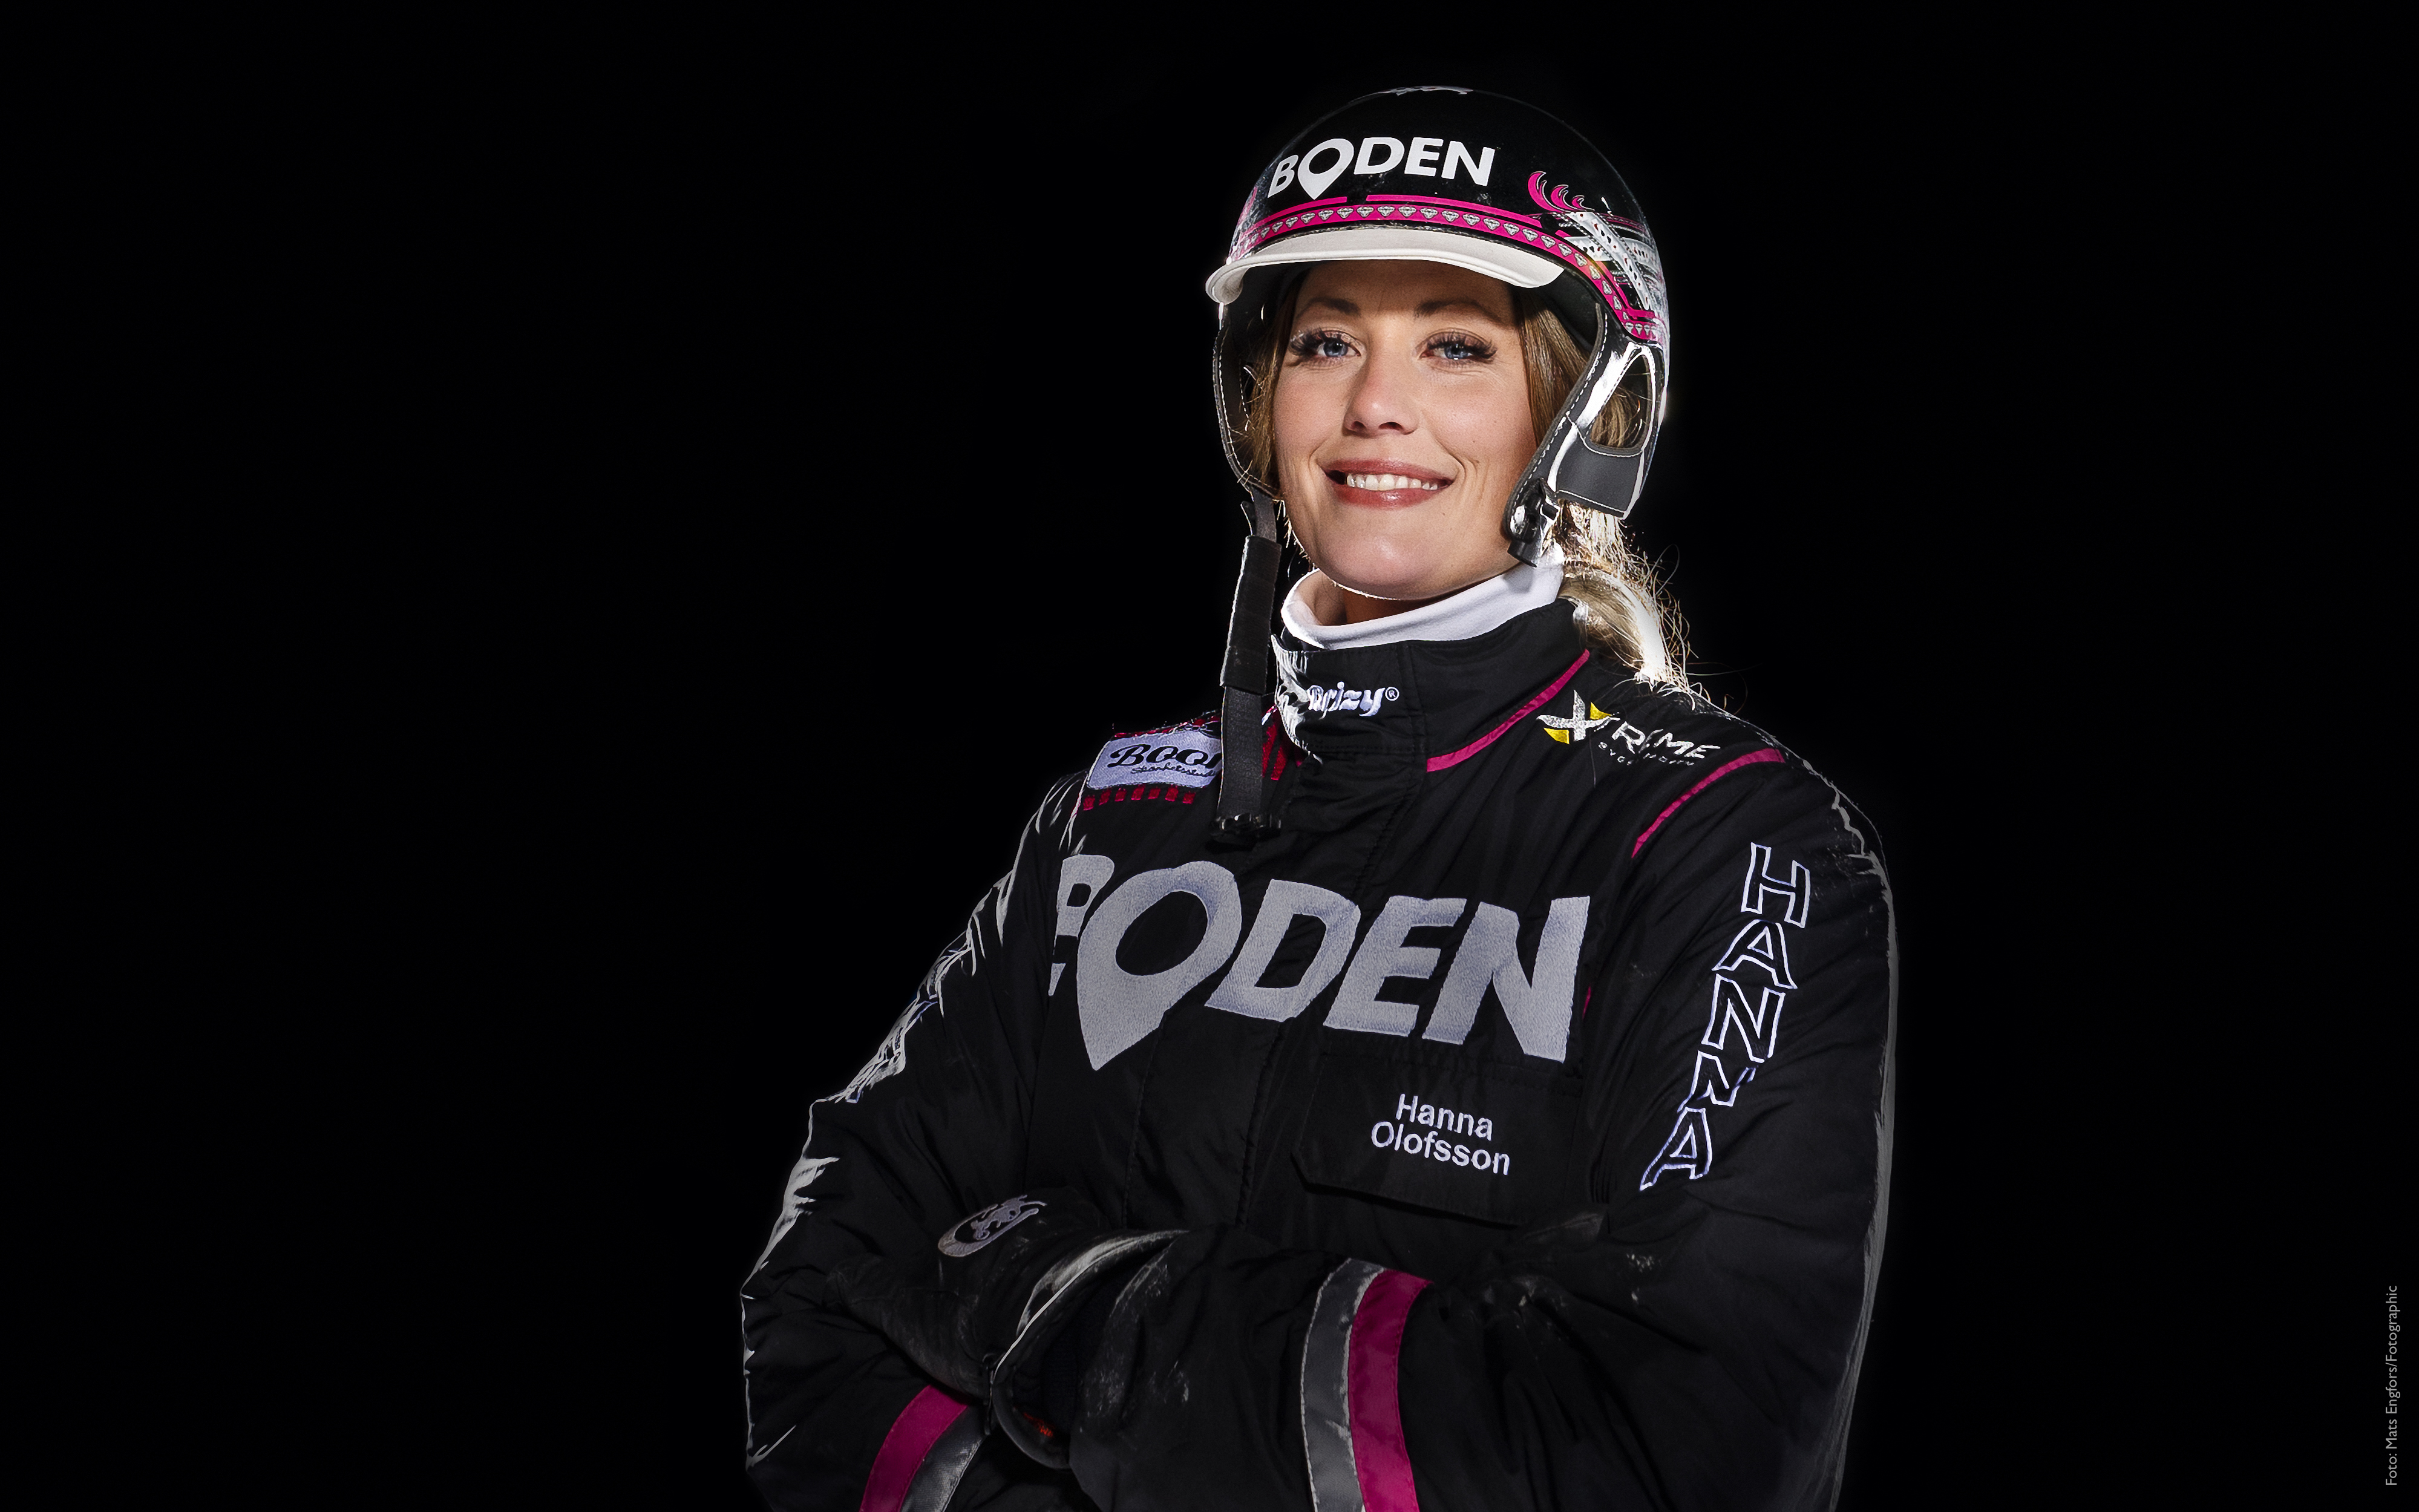 Hanna Olofsson, nominerad till Årets Bodensare 2018